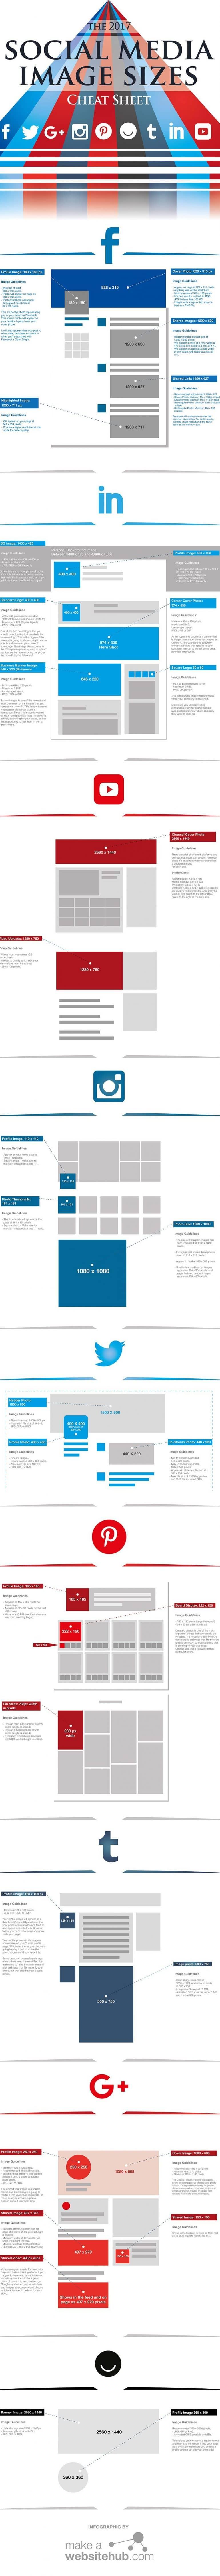 het-ultieme-overzicht-van-alle-social-media-afmetingen-editie-2017-infographic-e1482505746380-770x8998